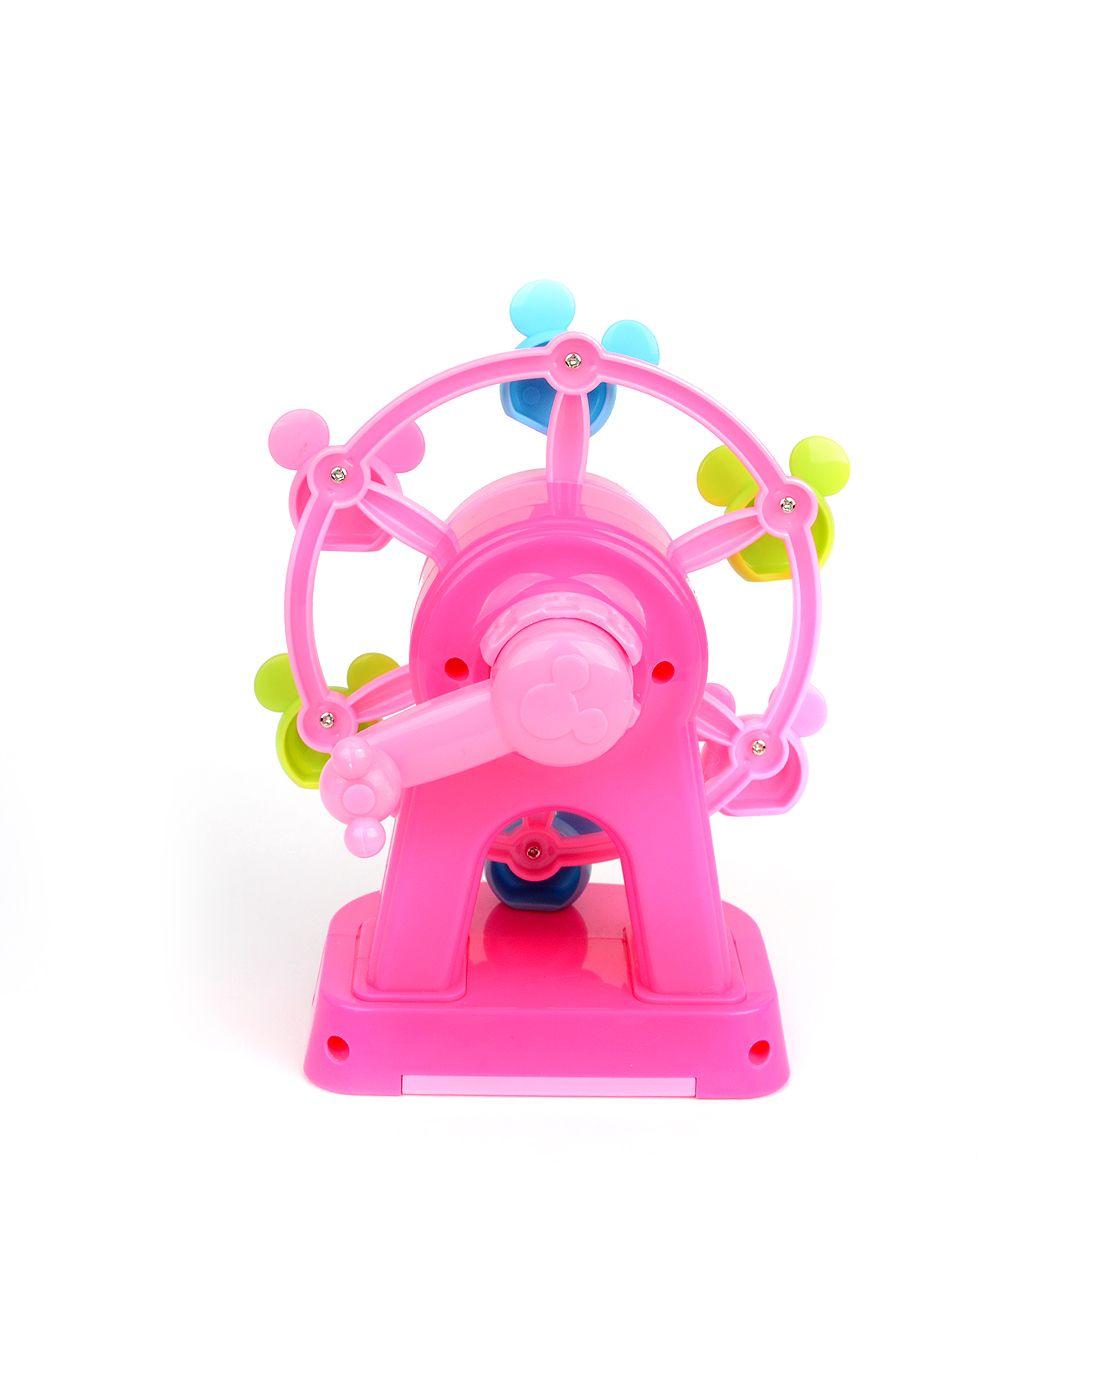 迪士尼粉色摩天轮削笔机